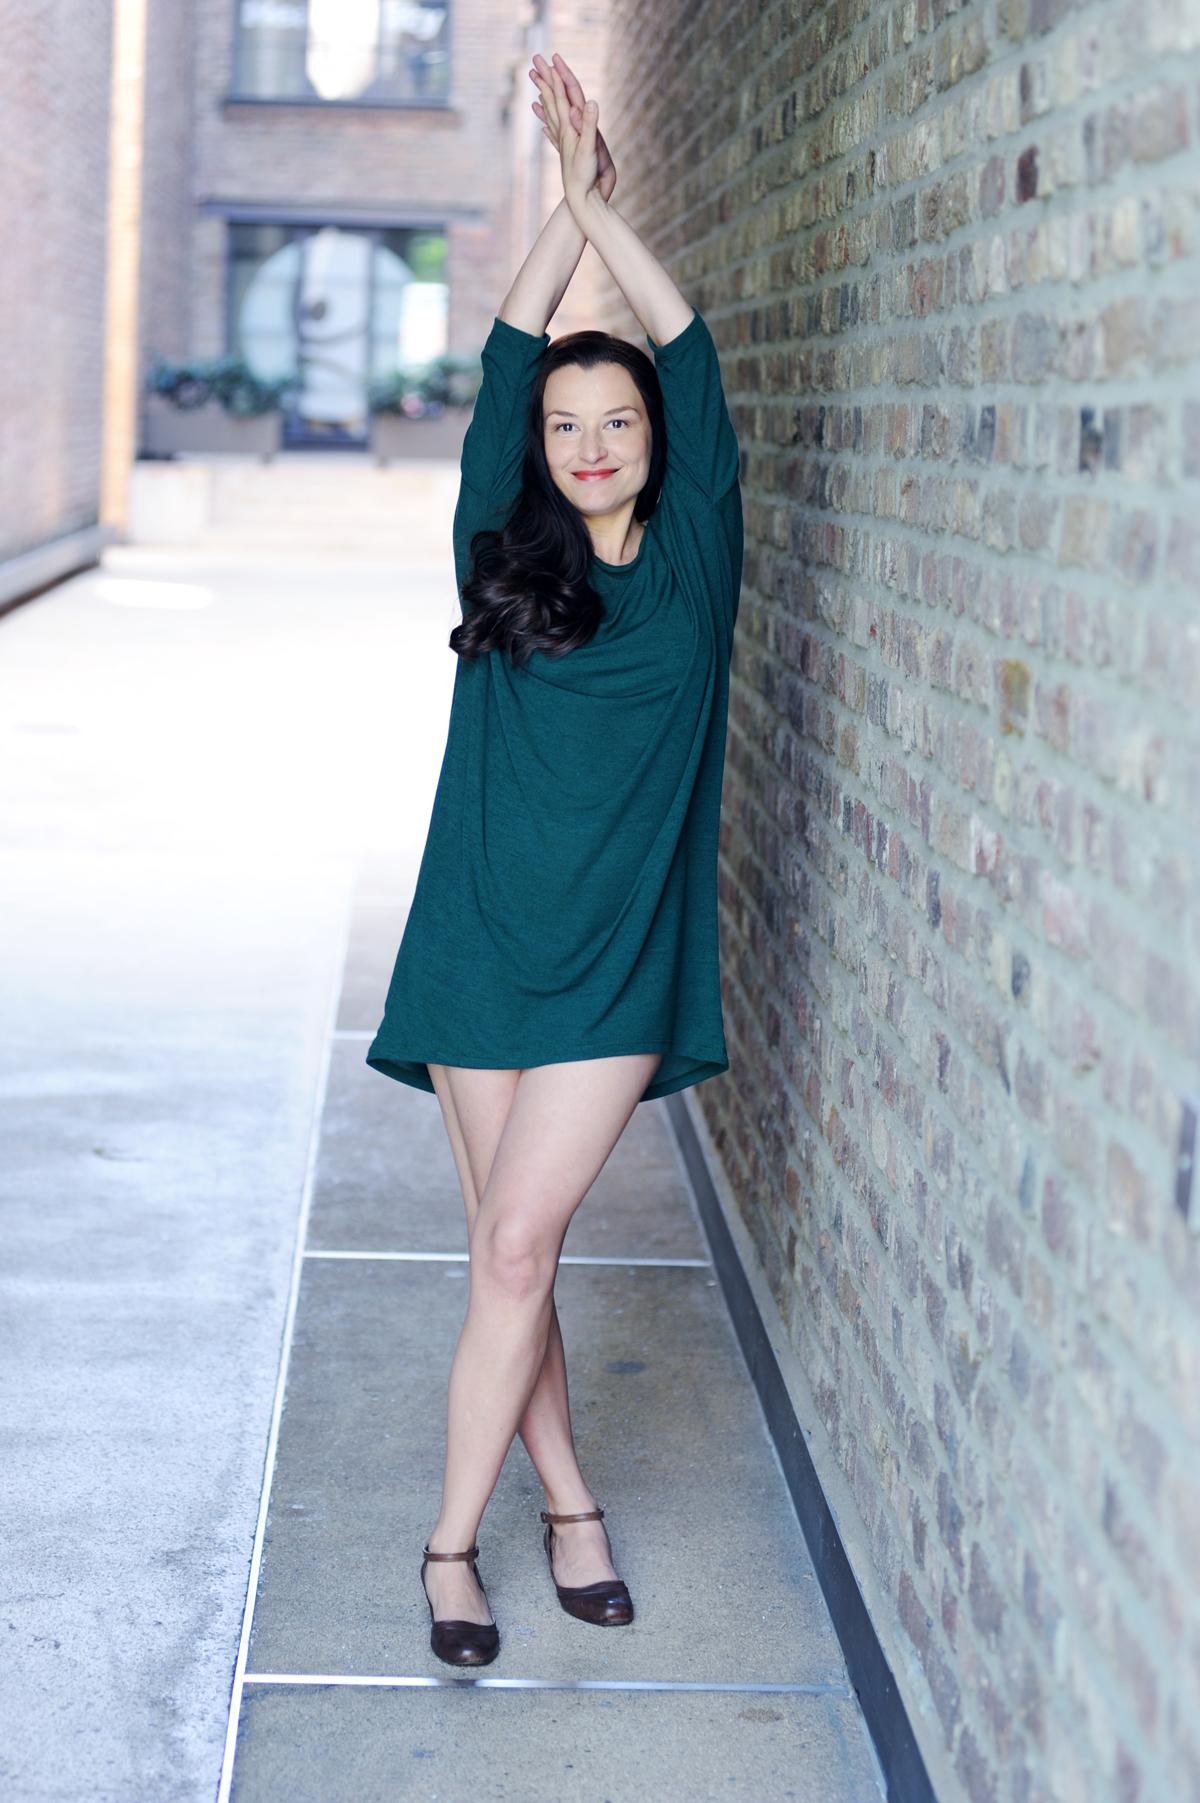 Caroline Betz Schauspielerin Köln Film Fernsehen Theater Bühne Porträt Künstlerin Ganzkörper fotografiert von Jennifer Fey